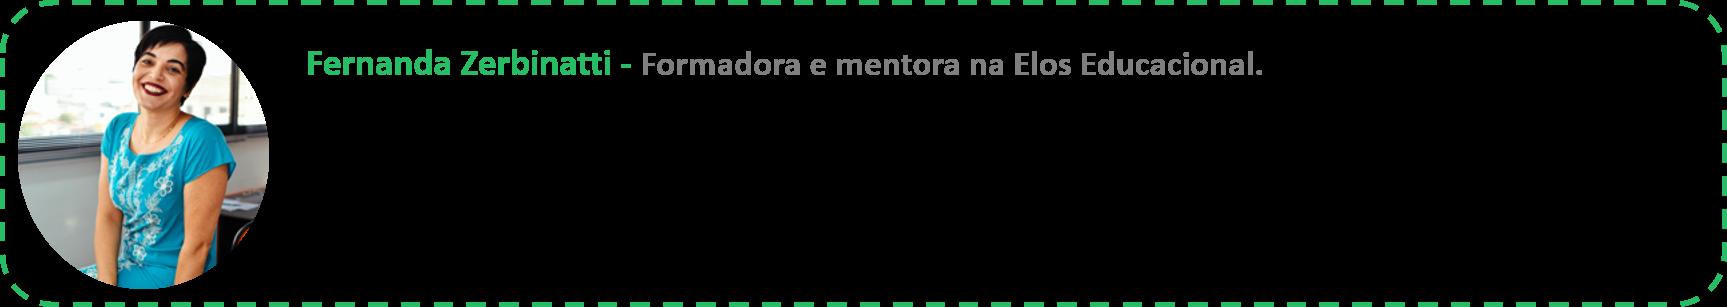 Fernanda Zerbinatti